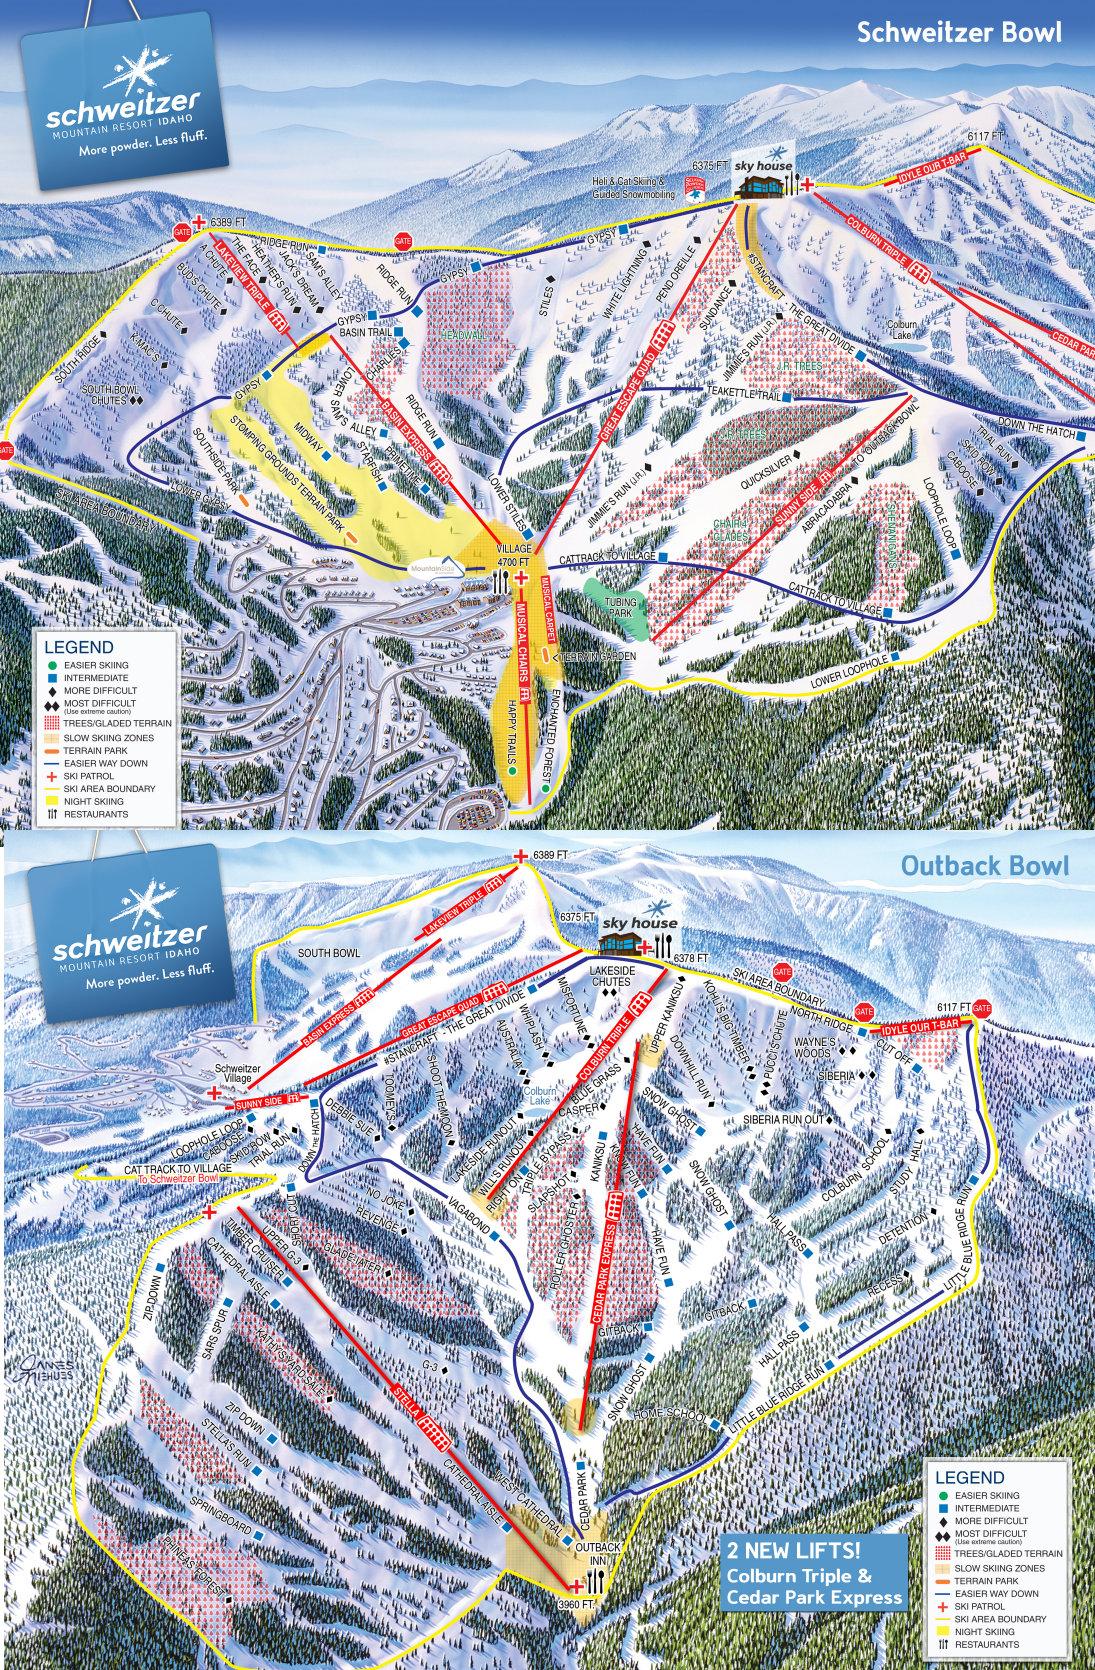 Schweitzer Mountain Resort Pistenplan